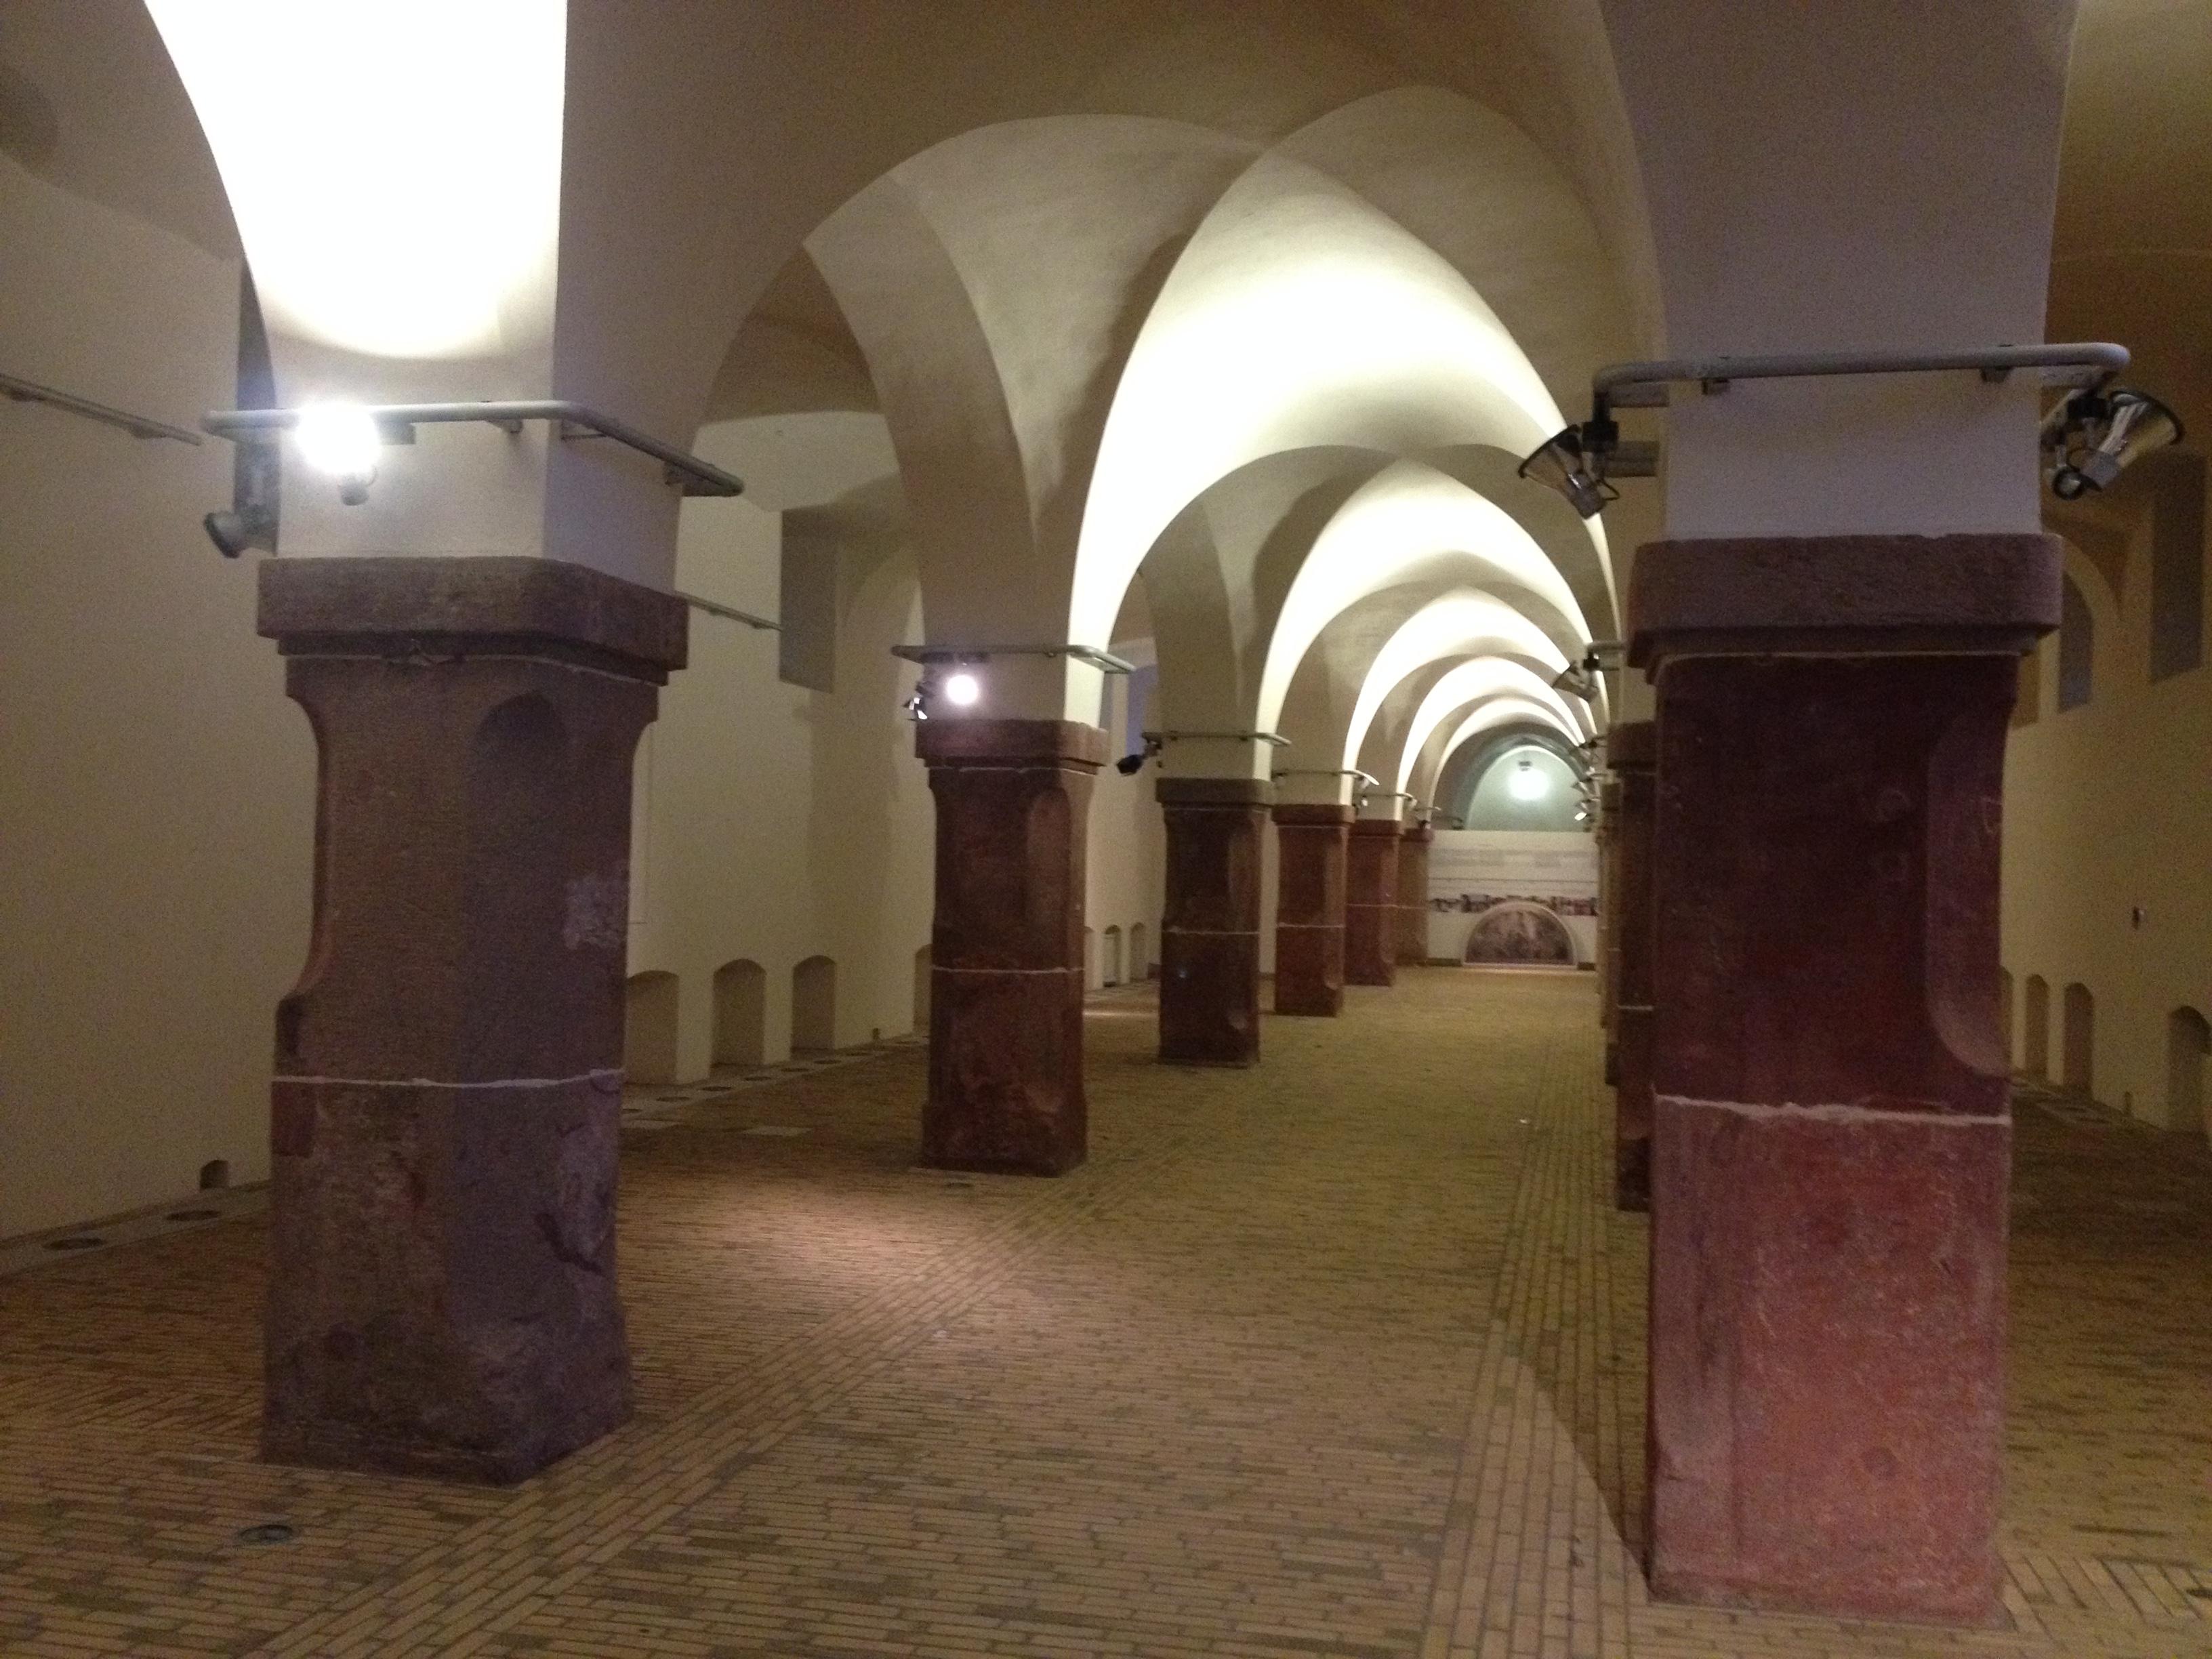 Kutschpferdestall, Potsdam